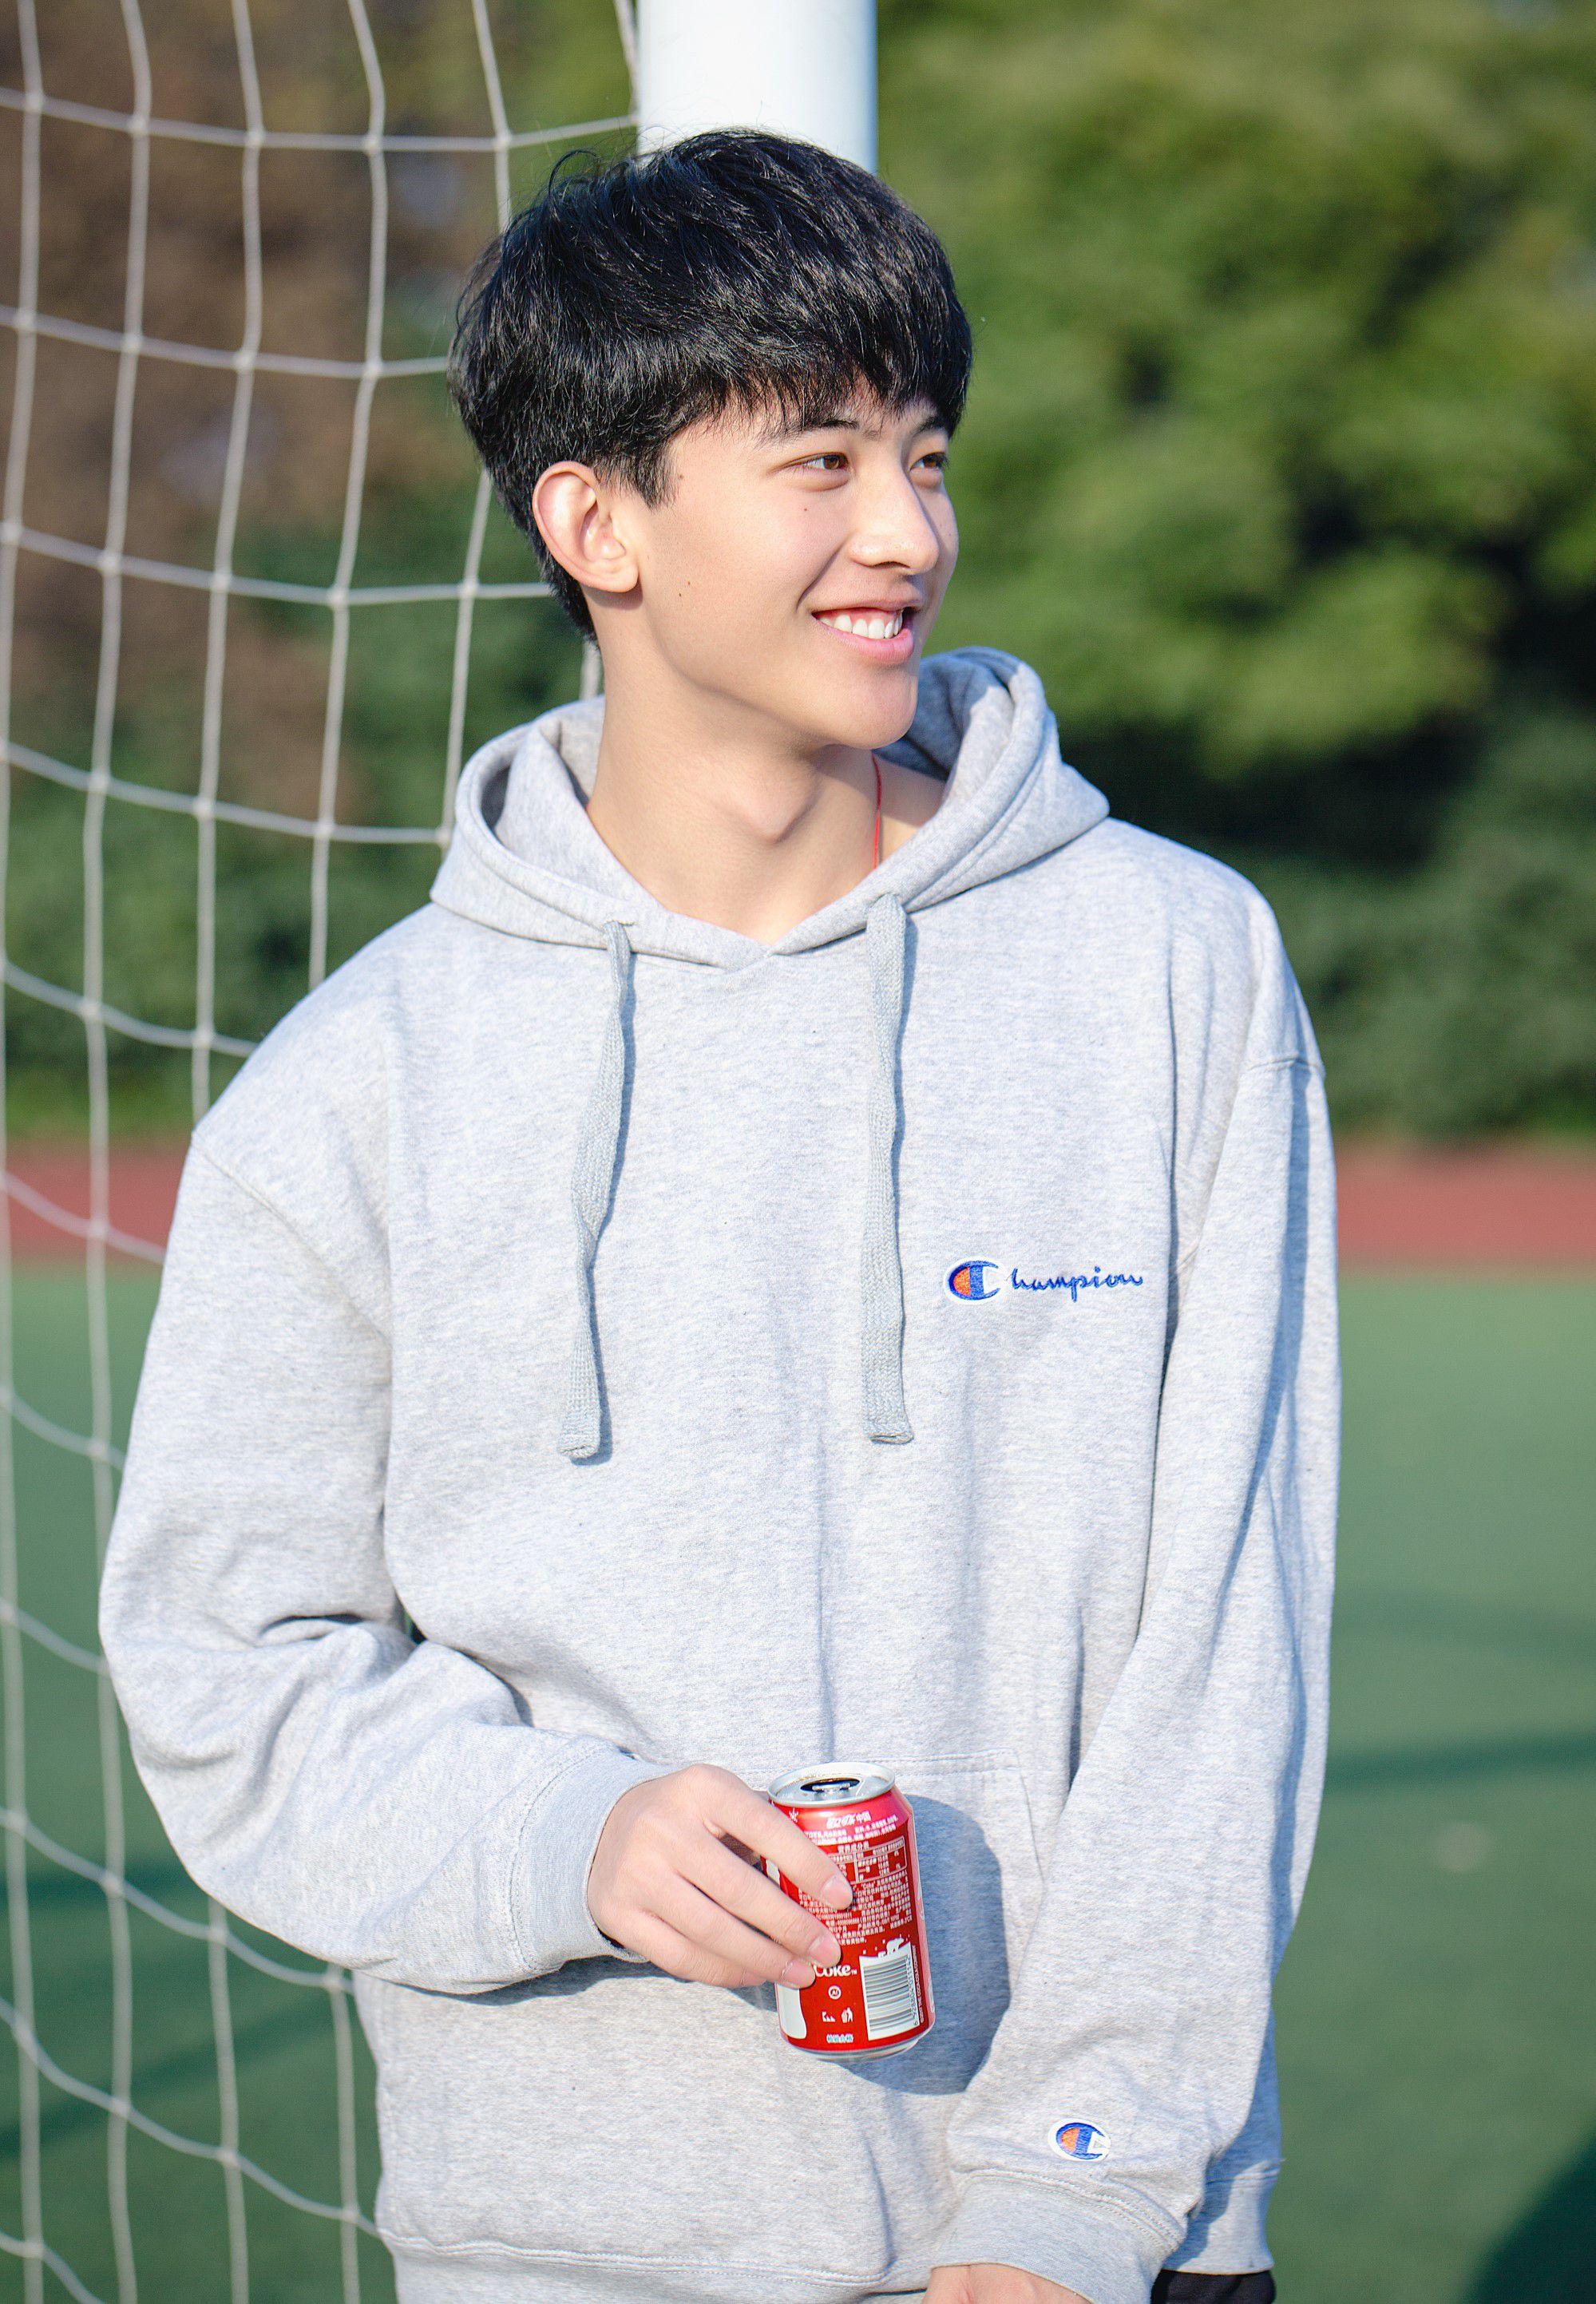 Thường Ưu Tú: Hot boy Tik Tok Trung Quốc gây sốt bởi nụ cười tỏa nắng (3)